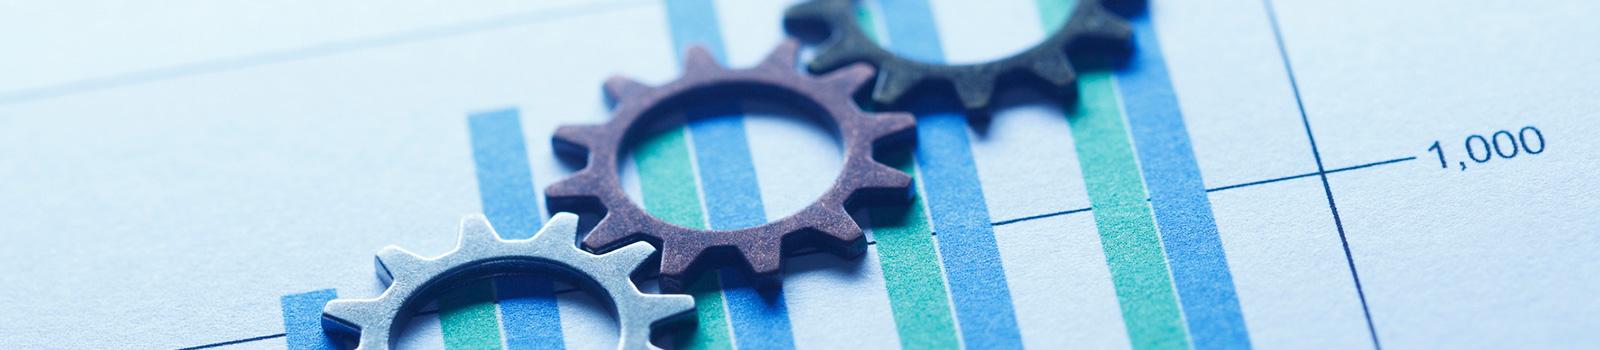 業務運営宣言に係る評価指標(KPI)